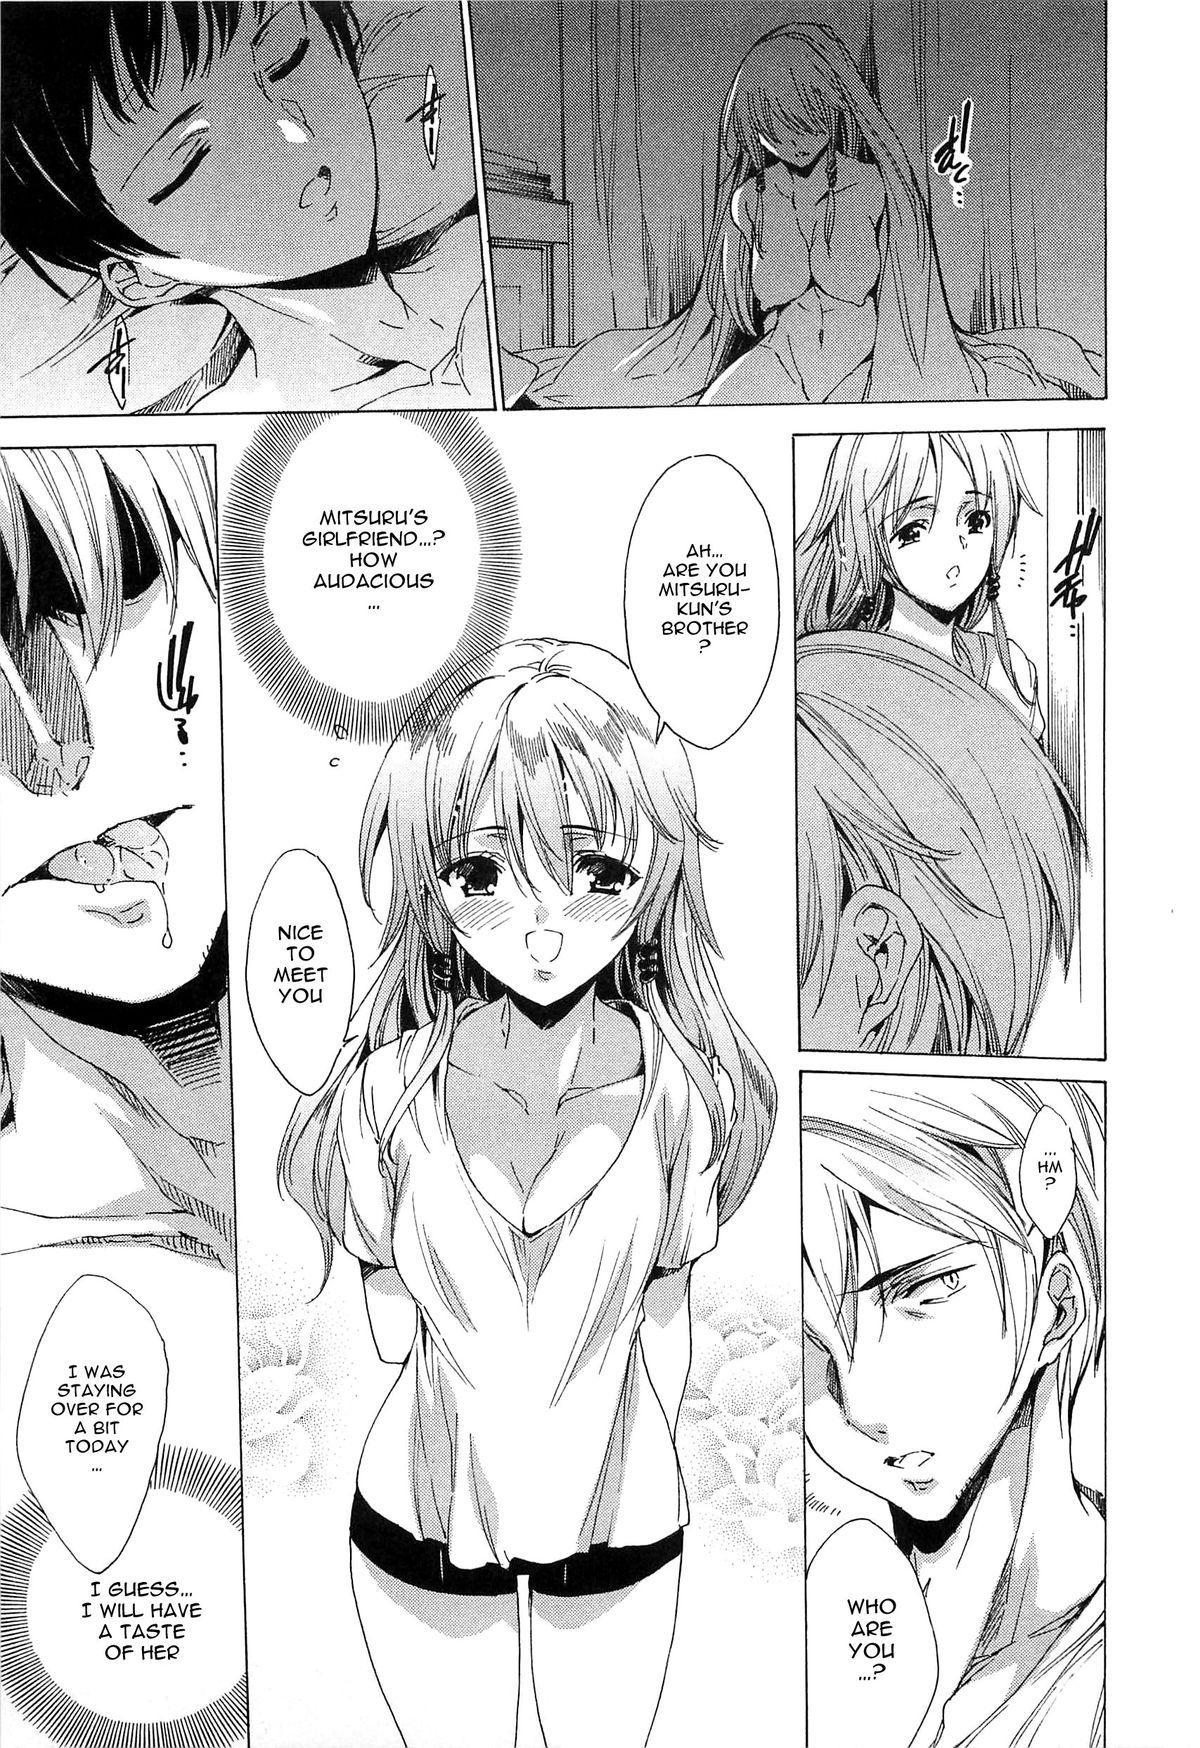 [Yuiga Naoha] Nikuyoku Rensa - NTR Kanojo   Chains of Lust - NTR Girlfriend [English] {doujin-moe.us} 24